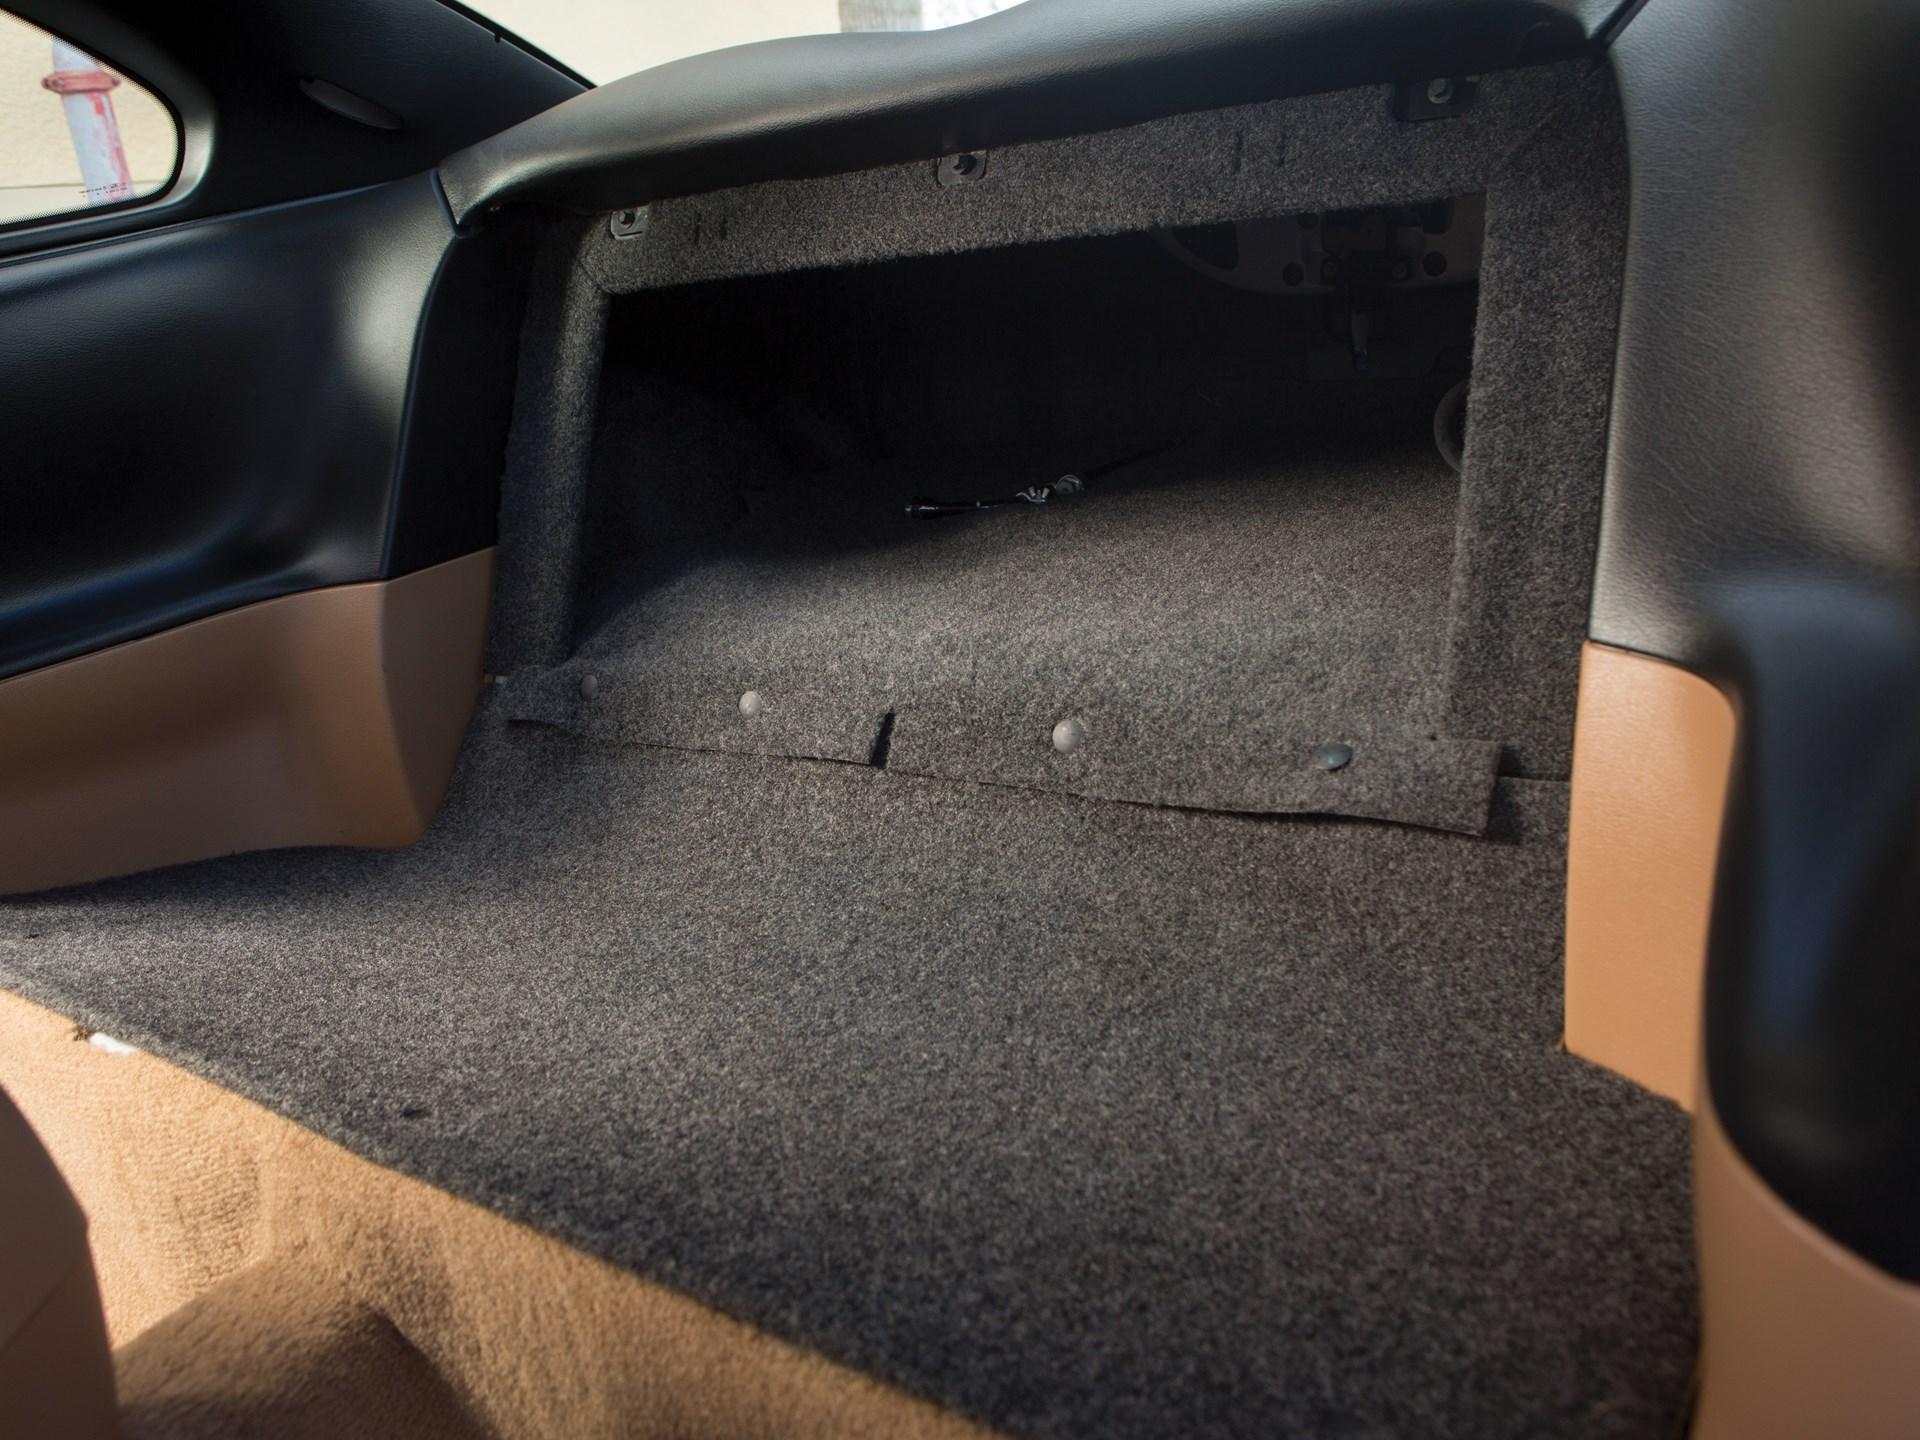 1995 Ford Mustang SVT Cobra R seat delete